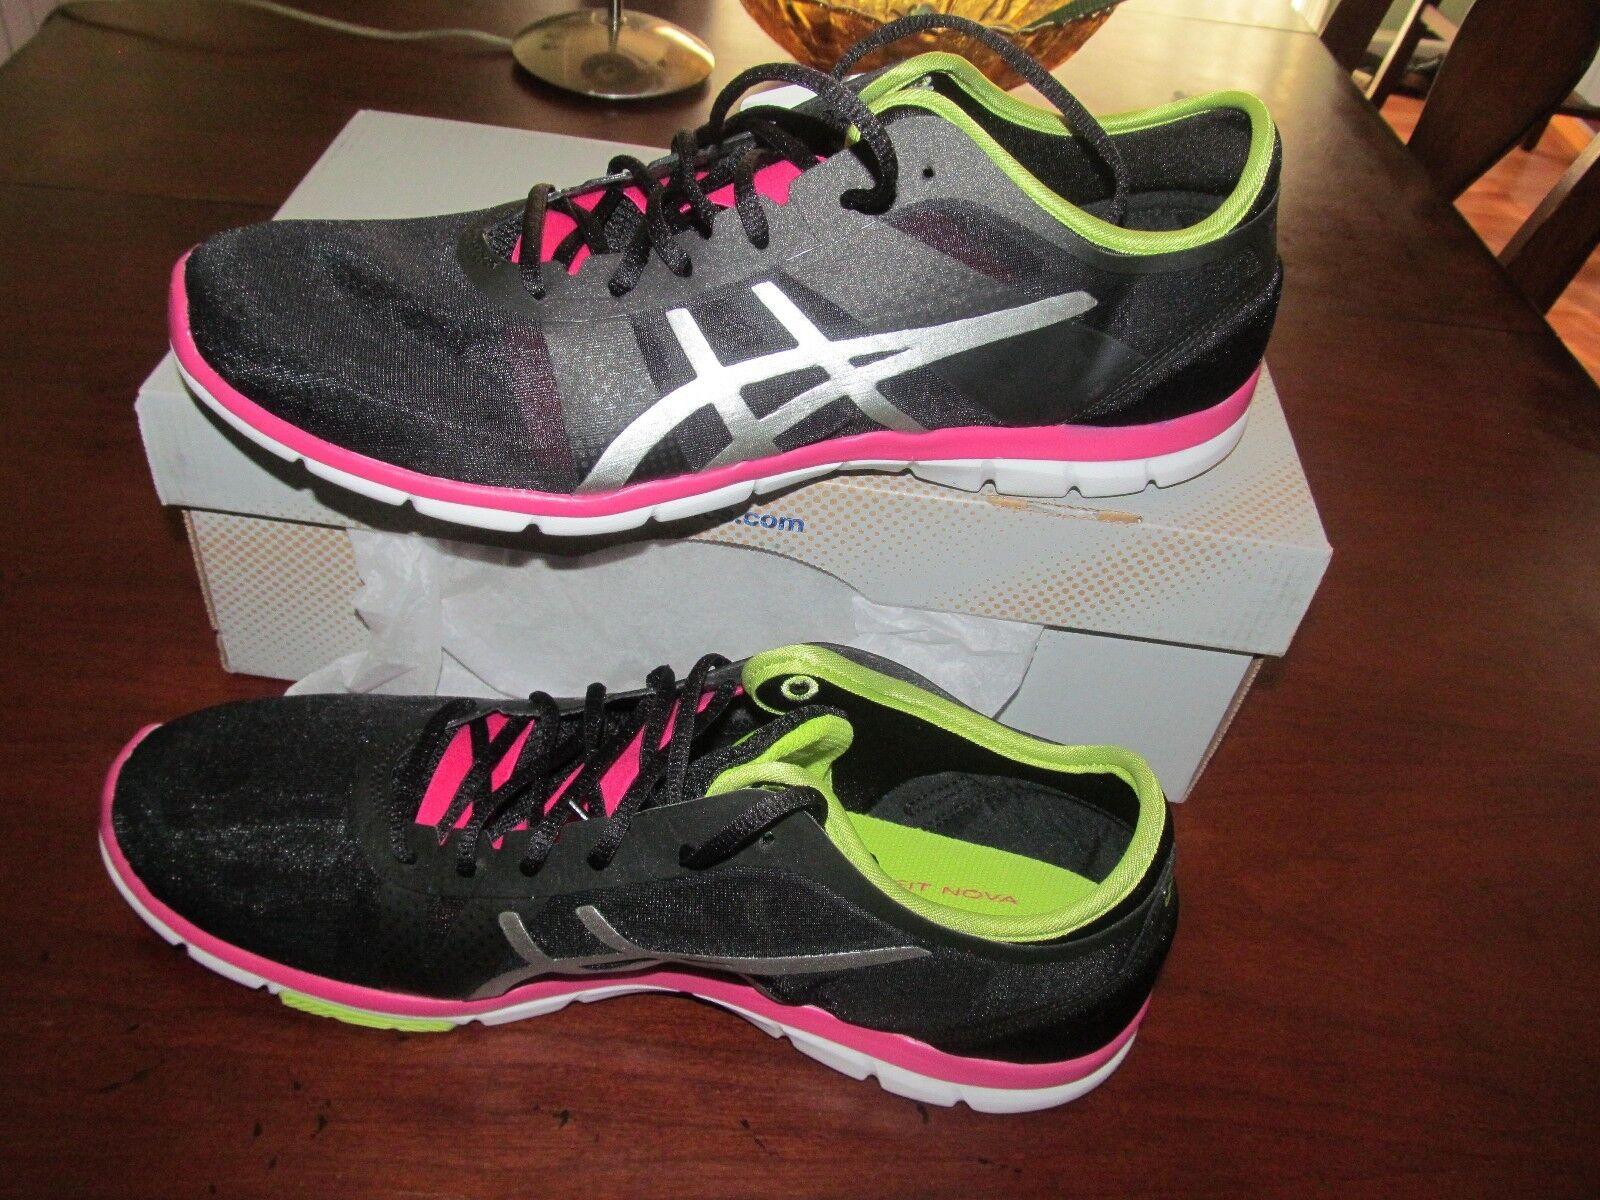 Asics Womens Gel-Fit Nova Black Trainers Shoes Price reduction Cheap women's shoes women's shoes